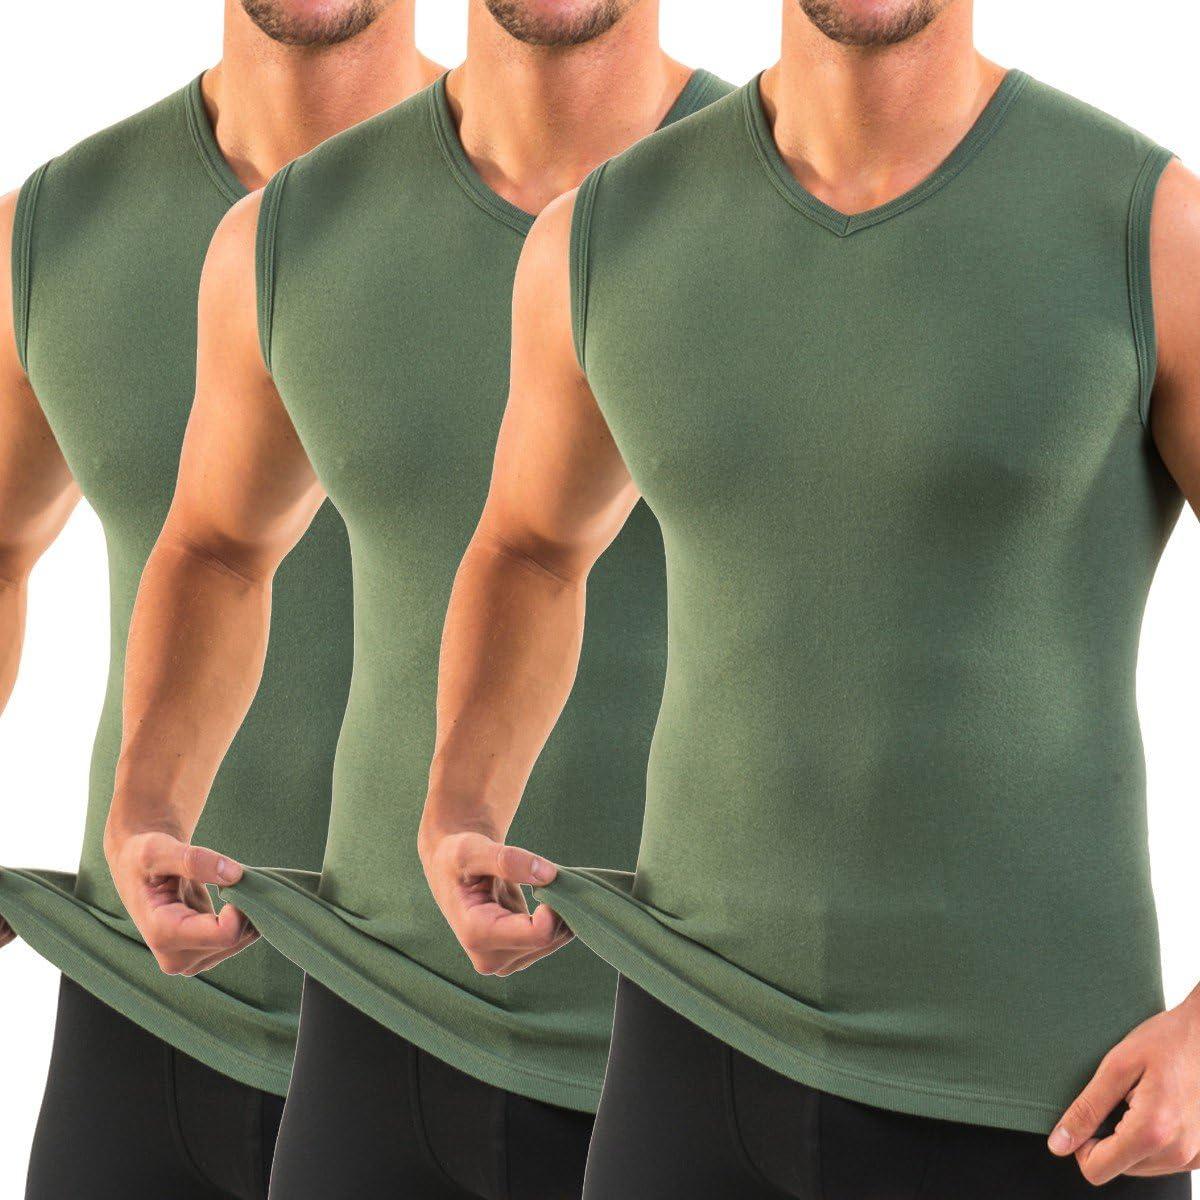 HERMO 3050 Lot de 3 Business Shirt Homme avec col V Maillot de Corps en 100/% Coton Tank Top